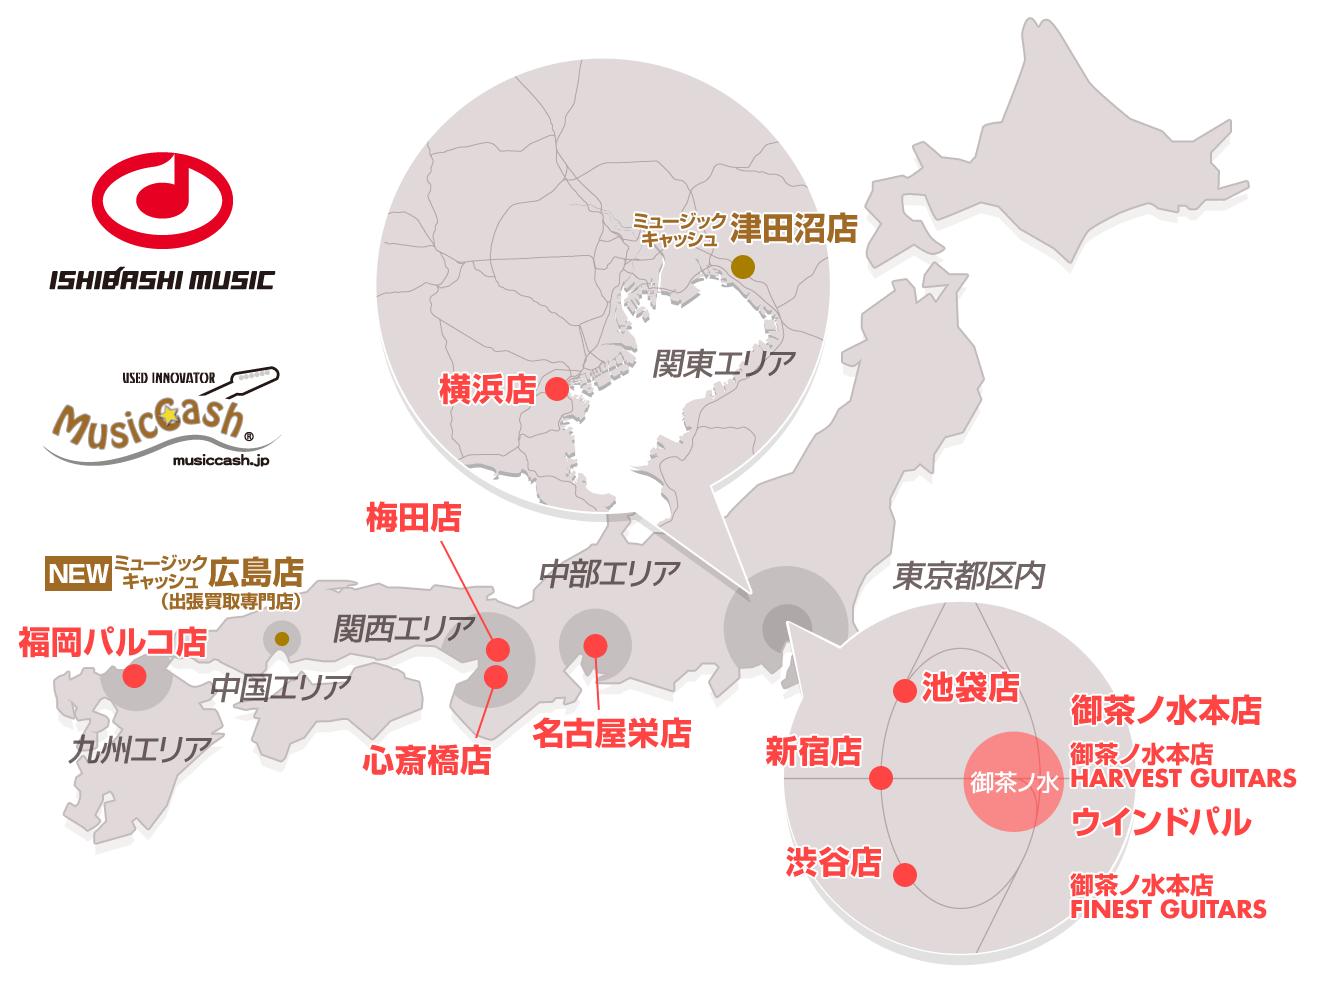 イシバシ楽器 店舗マップ